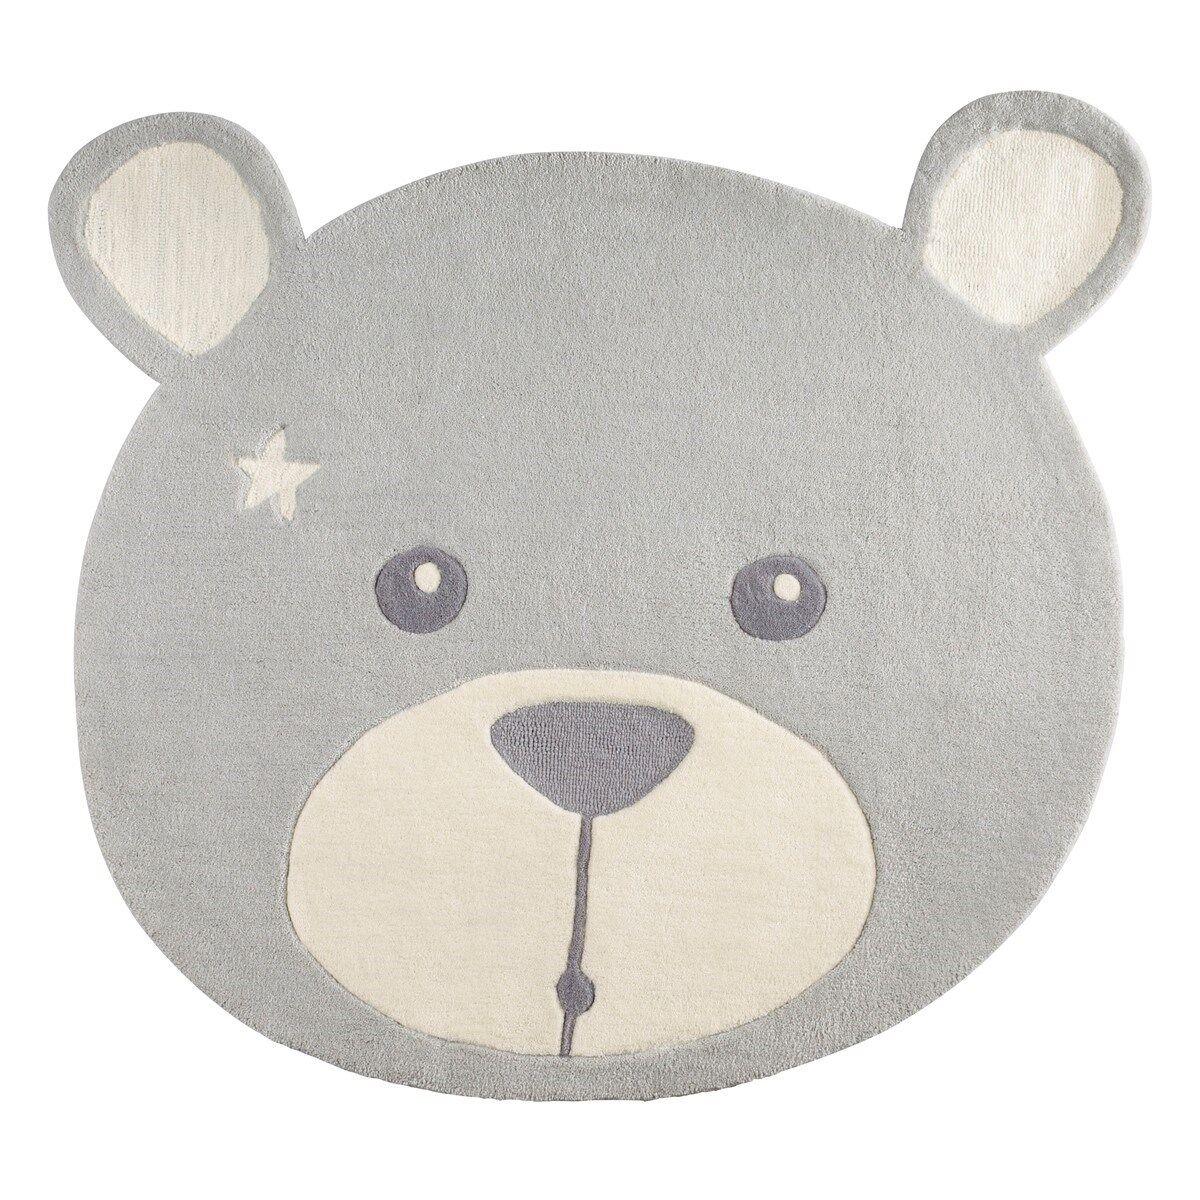 Sauthon Tapis de chambre enfant ours 95x87 cm en acrylique gris